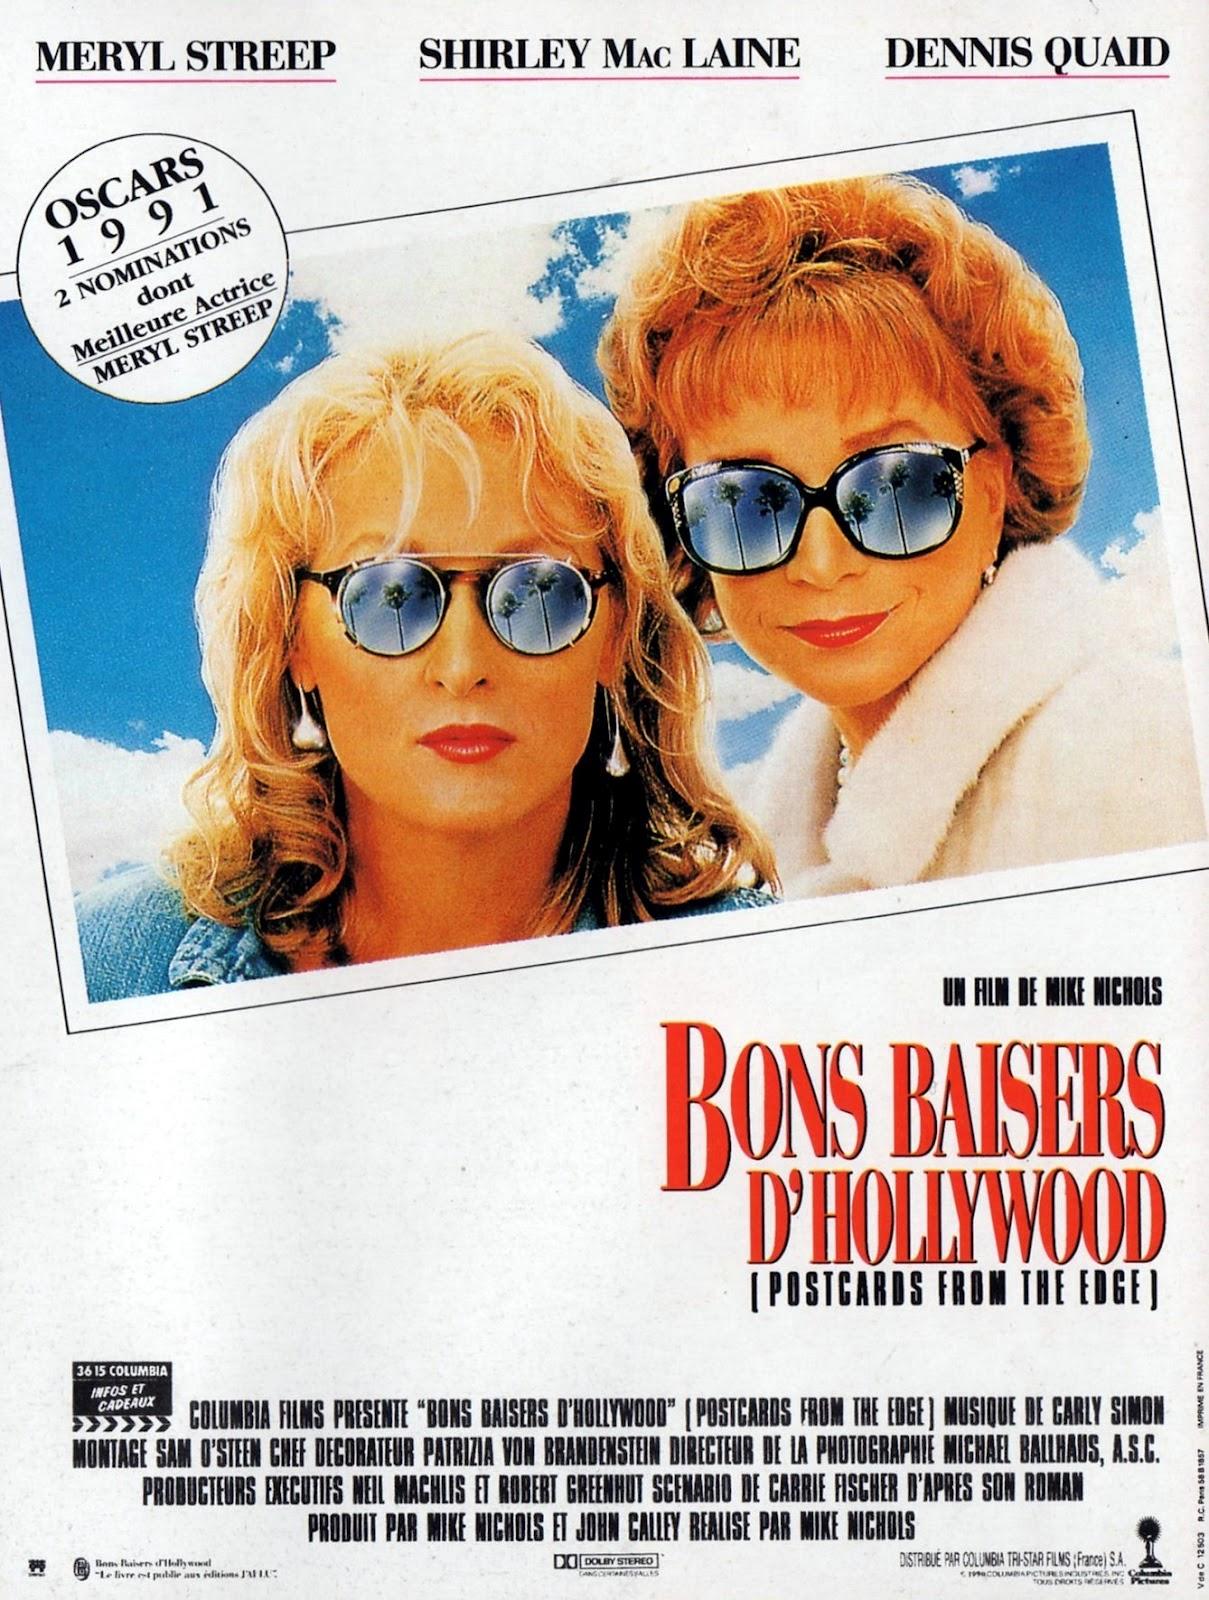 http://3.bp.blogspot.com/-rvV5f2-YIj0/UGsniVYodhI/AAAAAAAAAl4/k_baKvMmhO8/s1600/Bons+baisers+d\'Hollywood+(0).jpg